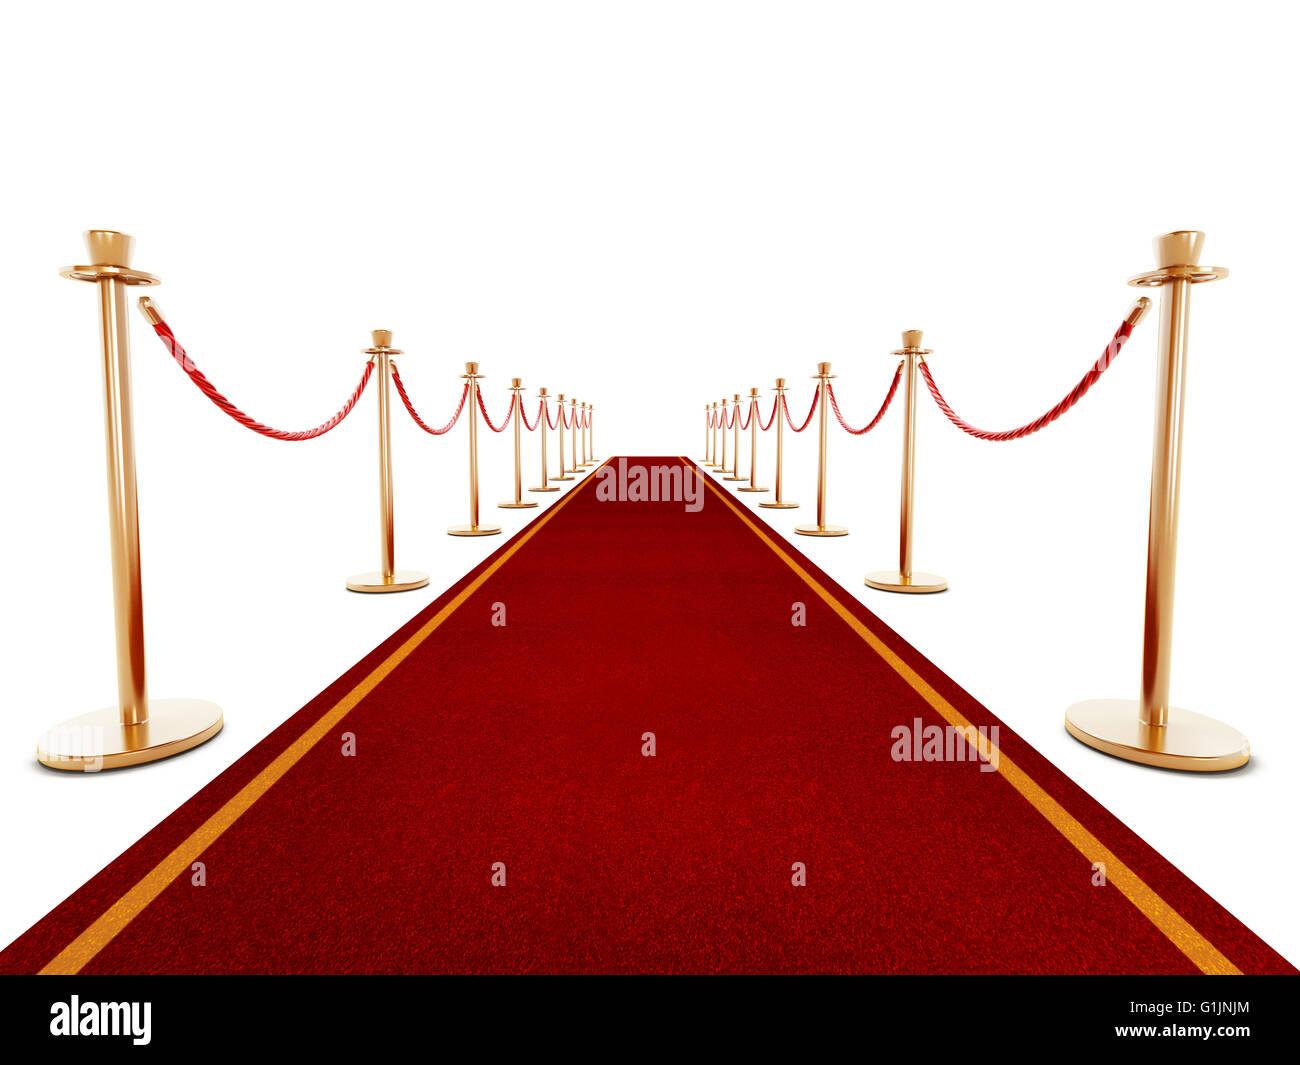 Tappeto rosso e corde di velluto isolato su sfondo bianco Immagini Stock